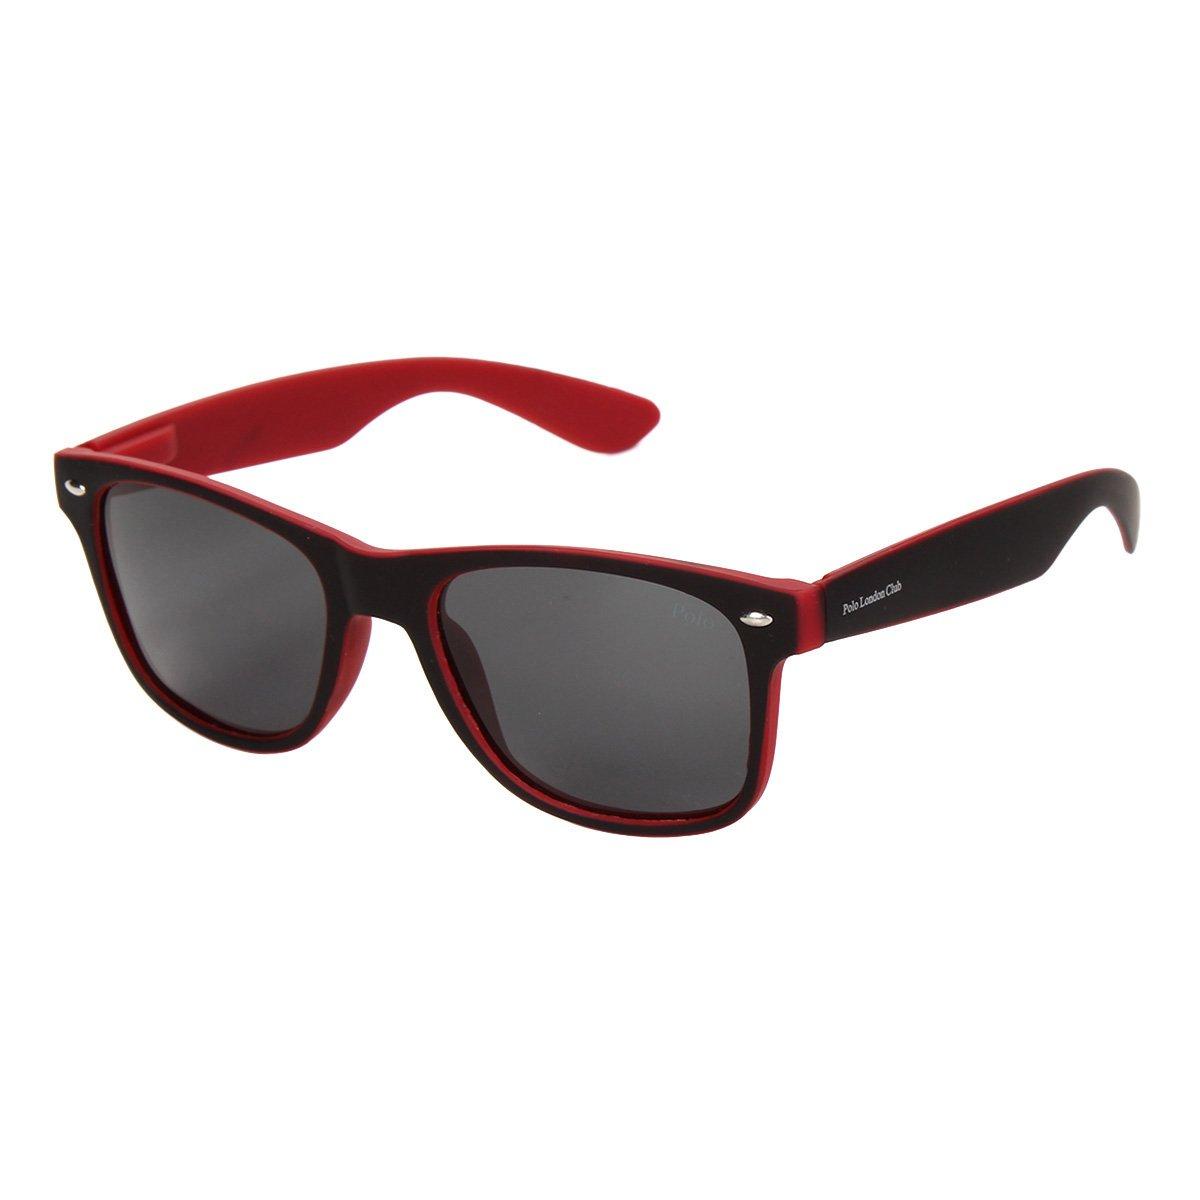 Óculos De Sol Everest Lente Polarizada Masculino - Compre Agora ... afb36fddf0